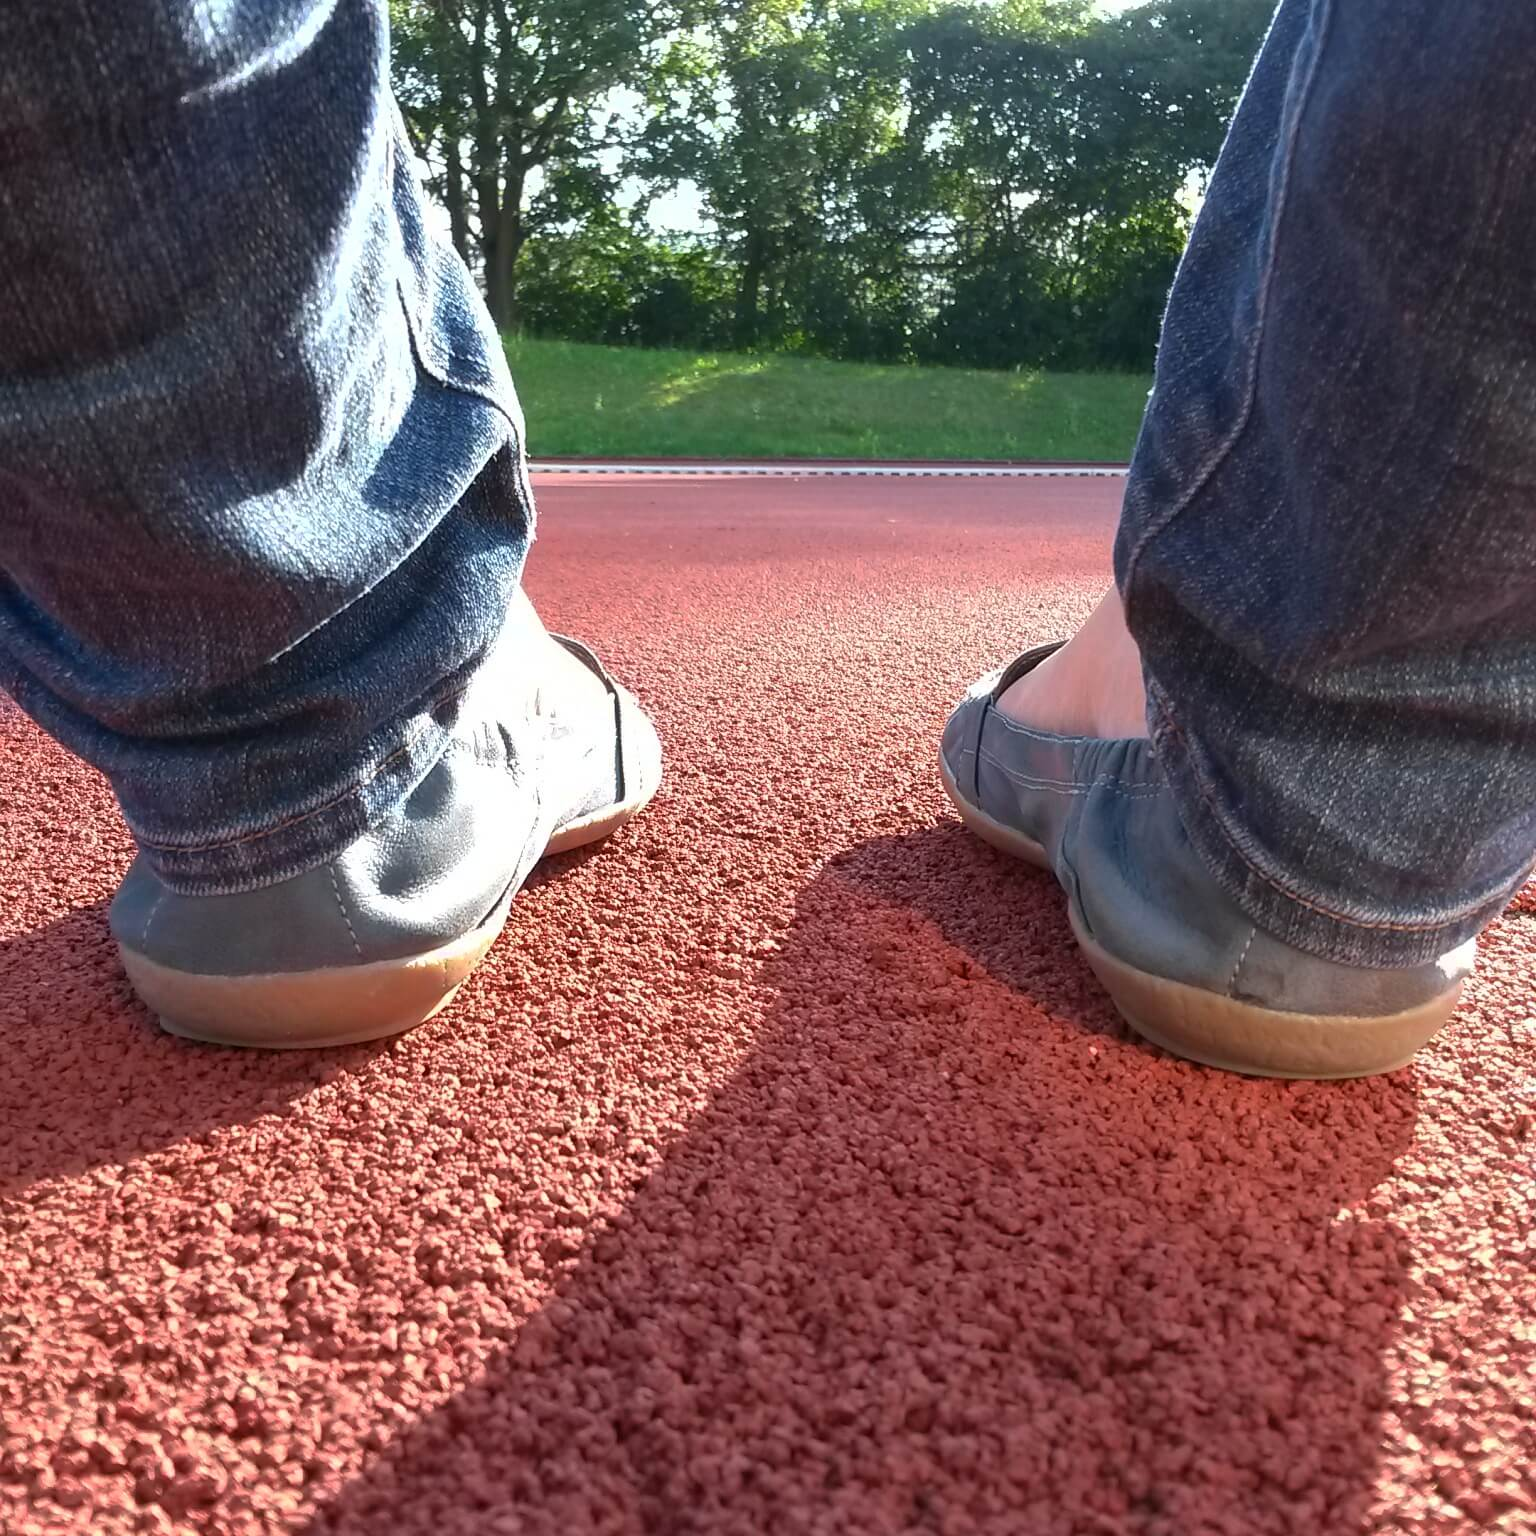 Füße auf der Tartanbahn